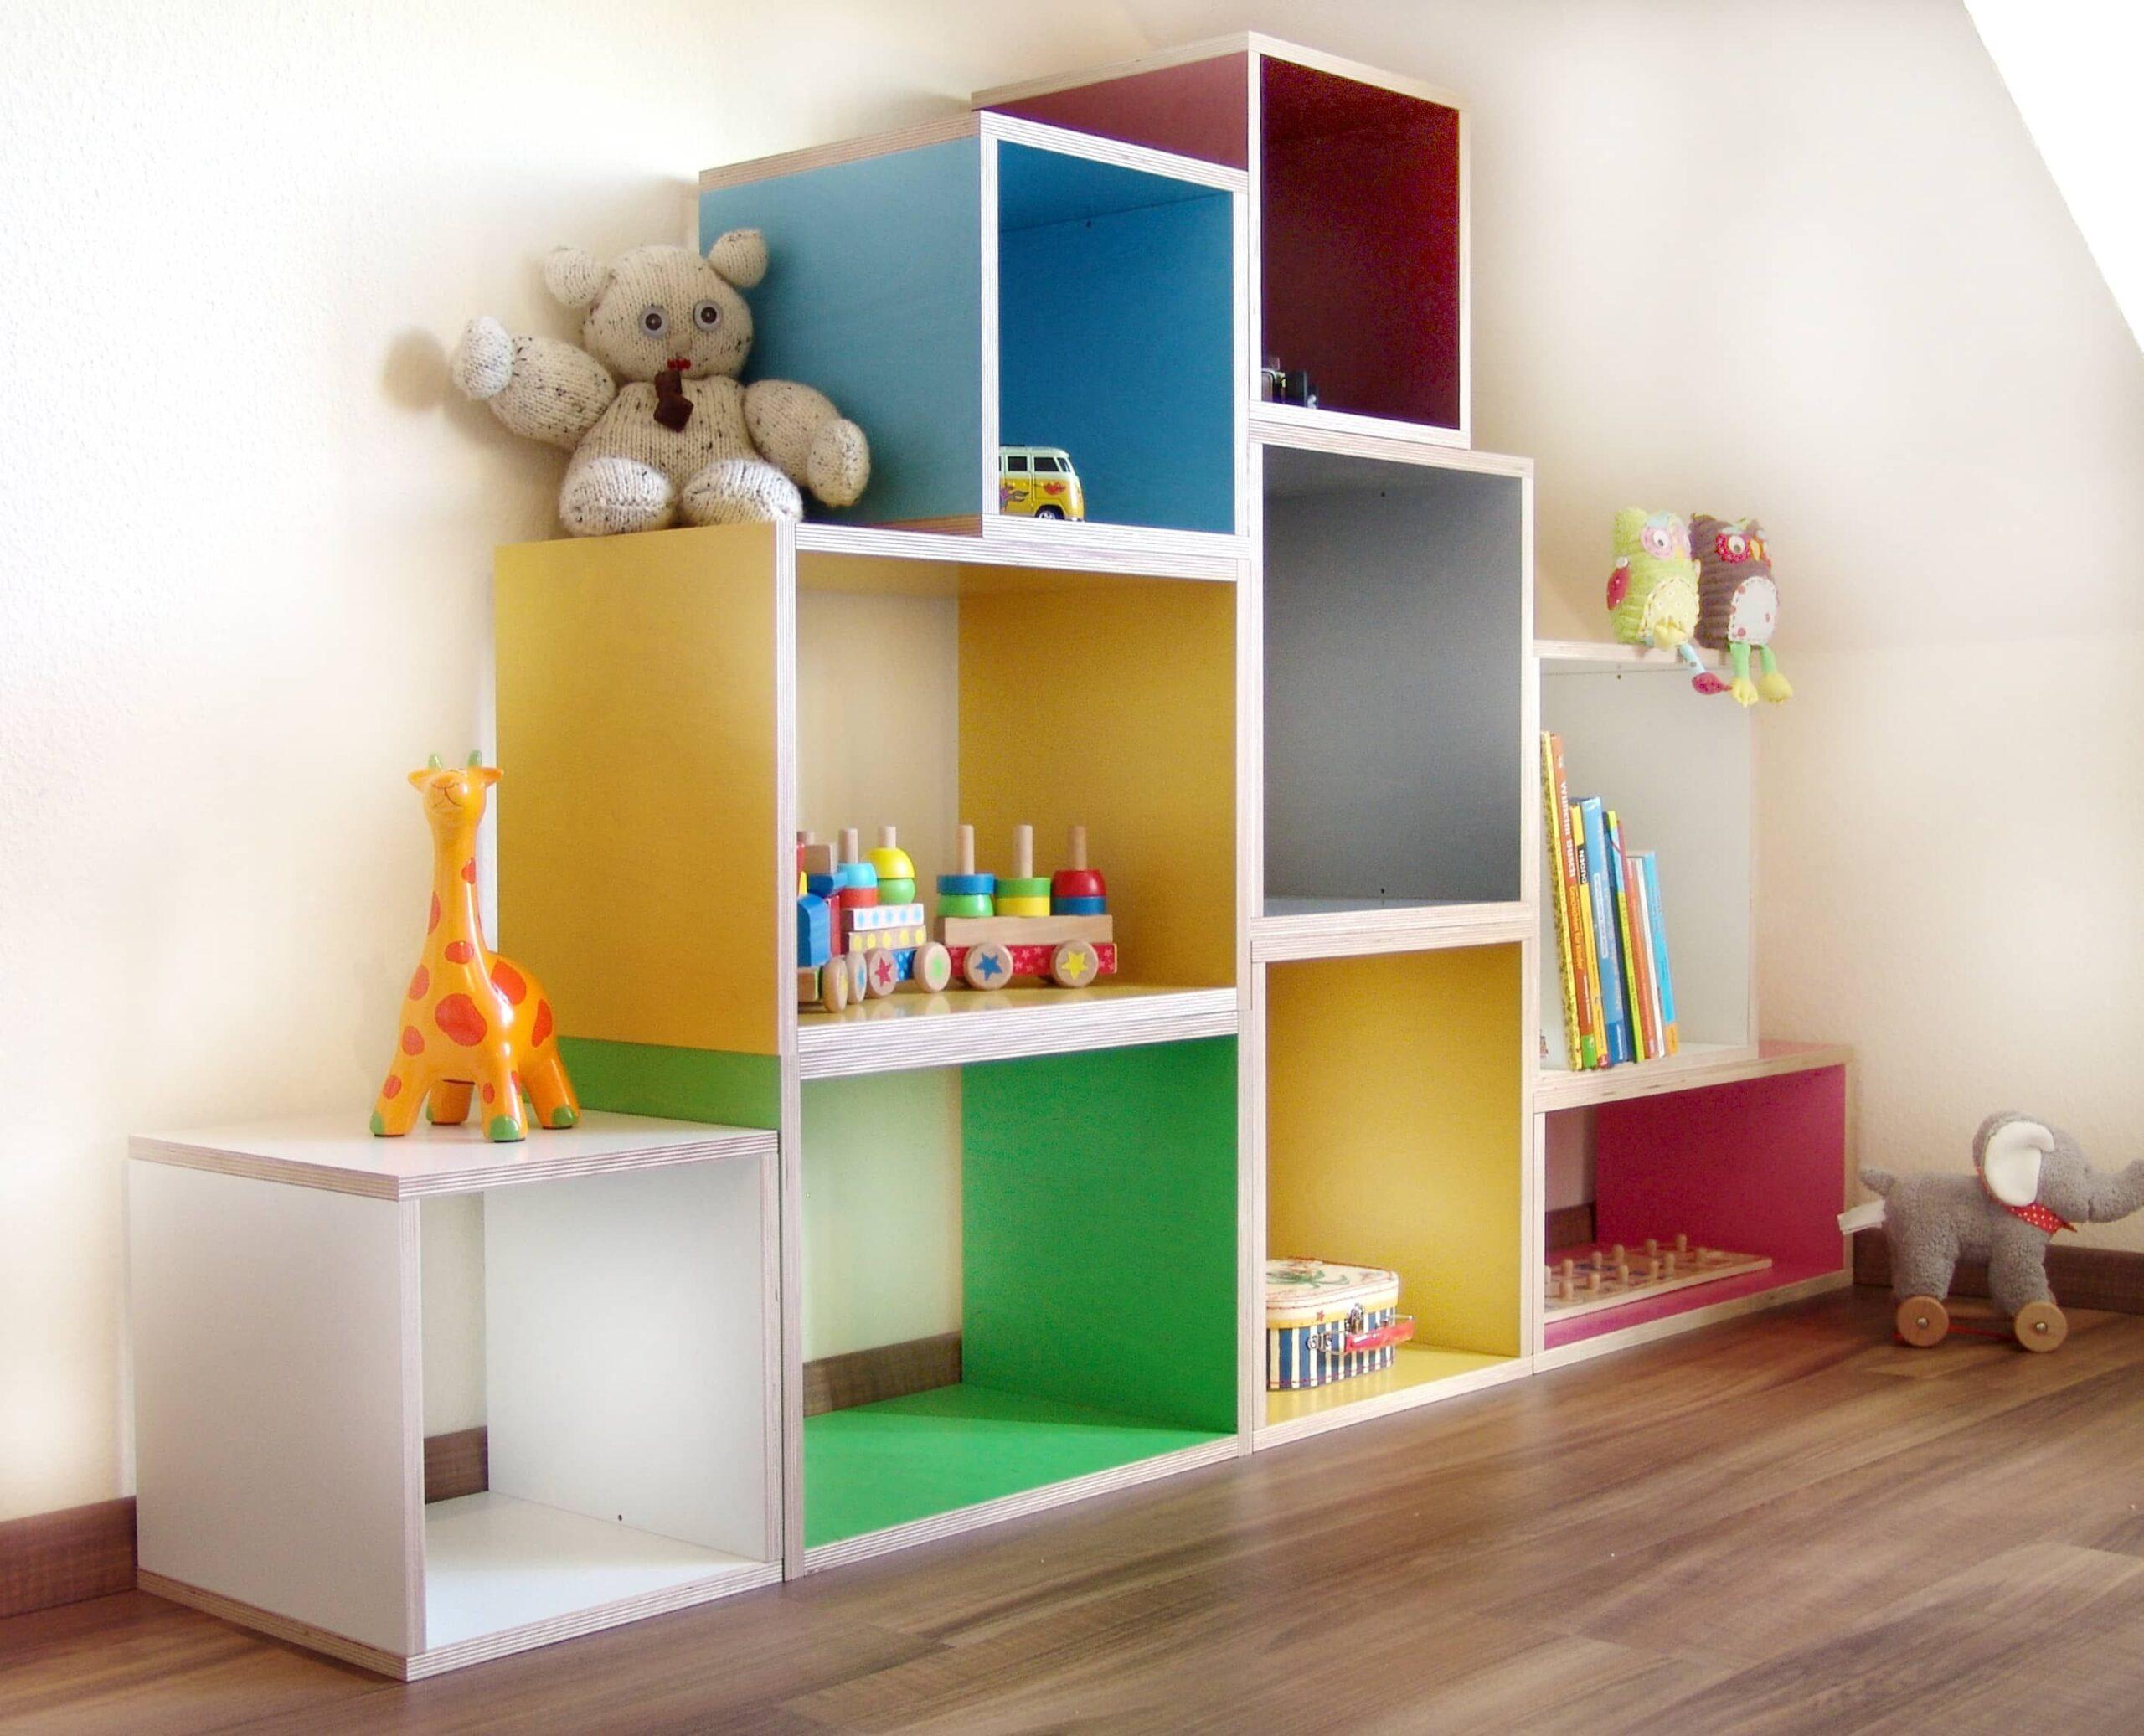 Full Size of Bücherregal Kinderzimmer Regal Bunt Designbeispiel 4 Ein Kunterbuntes Regale Weiß Sofa Kinderzimmer Bücherregal Kinderzimmer